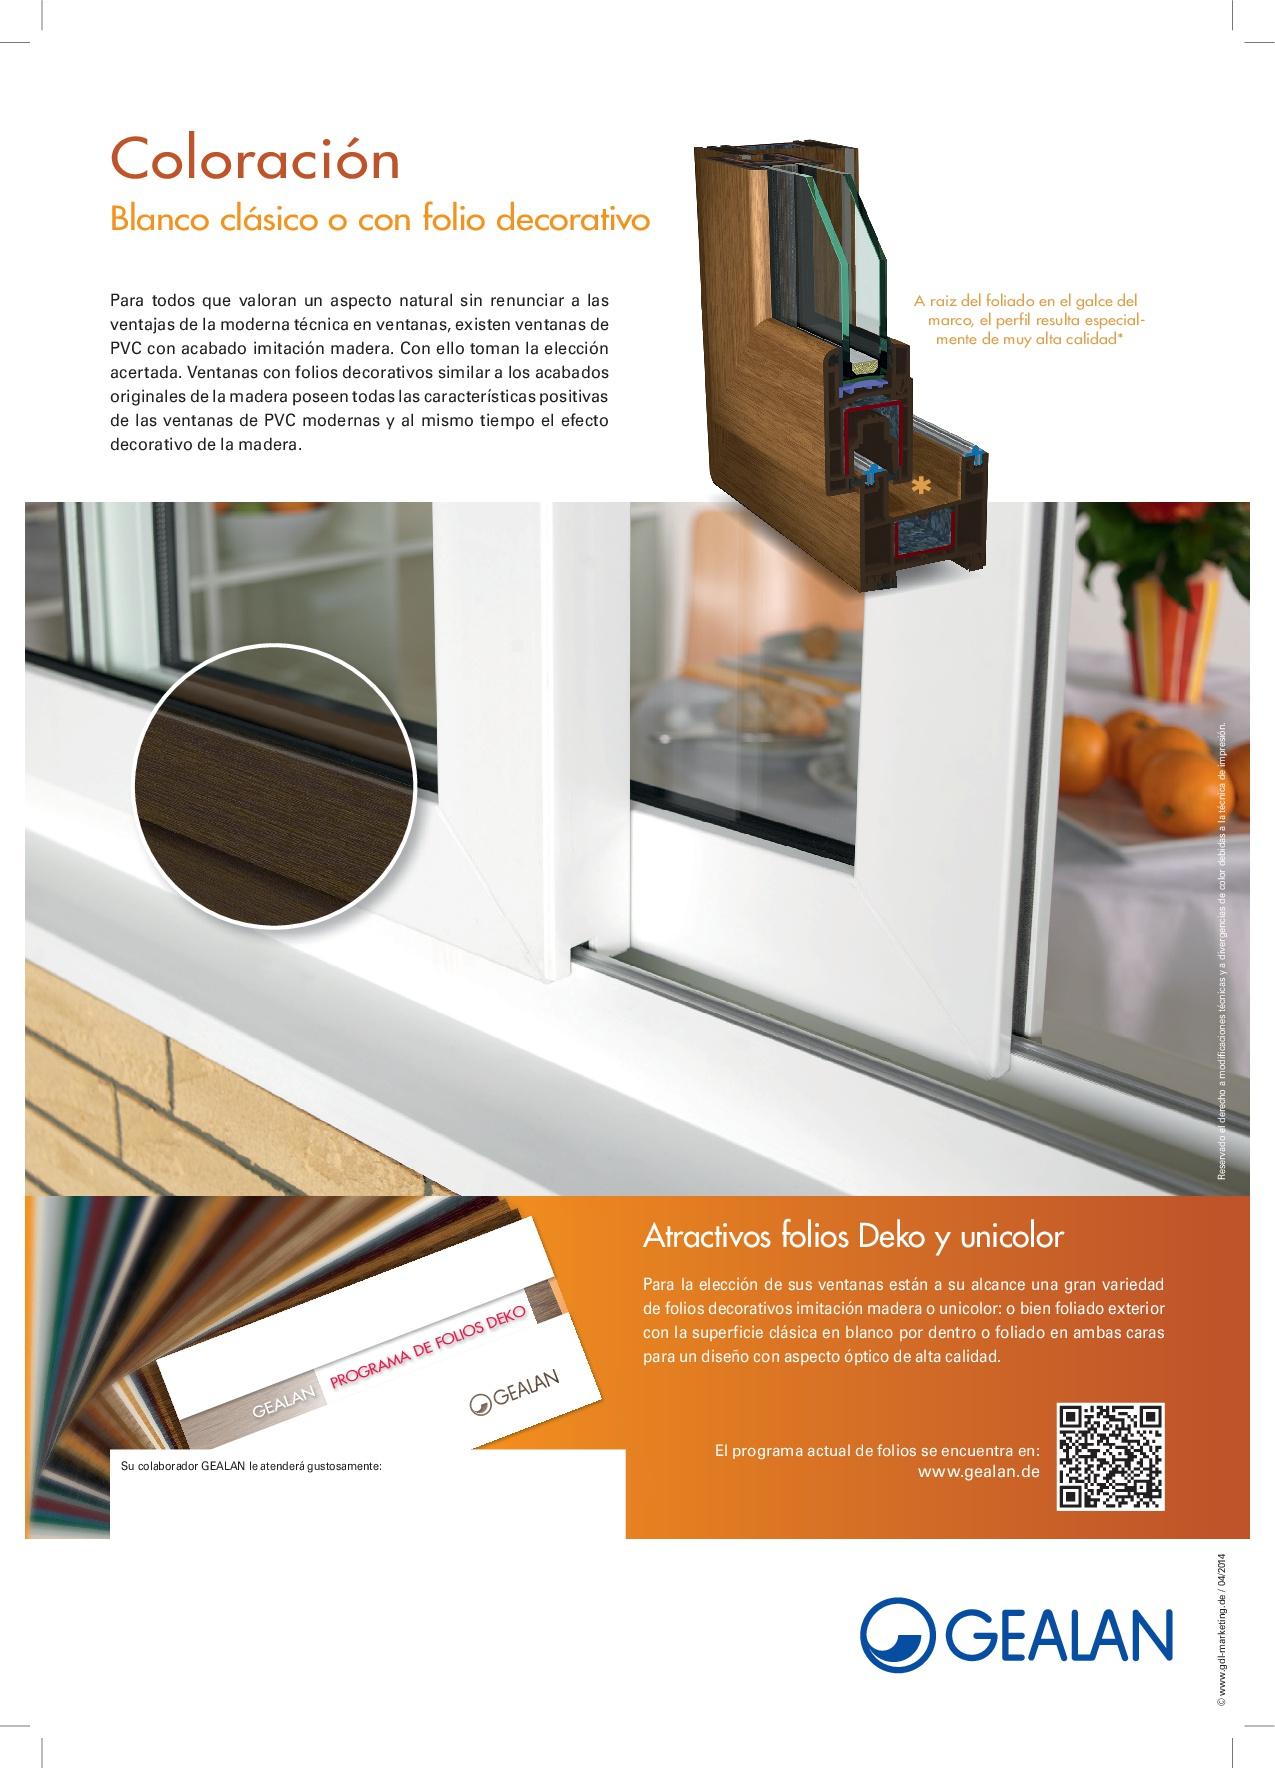 Schiebefenster-ES-004